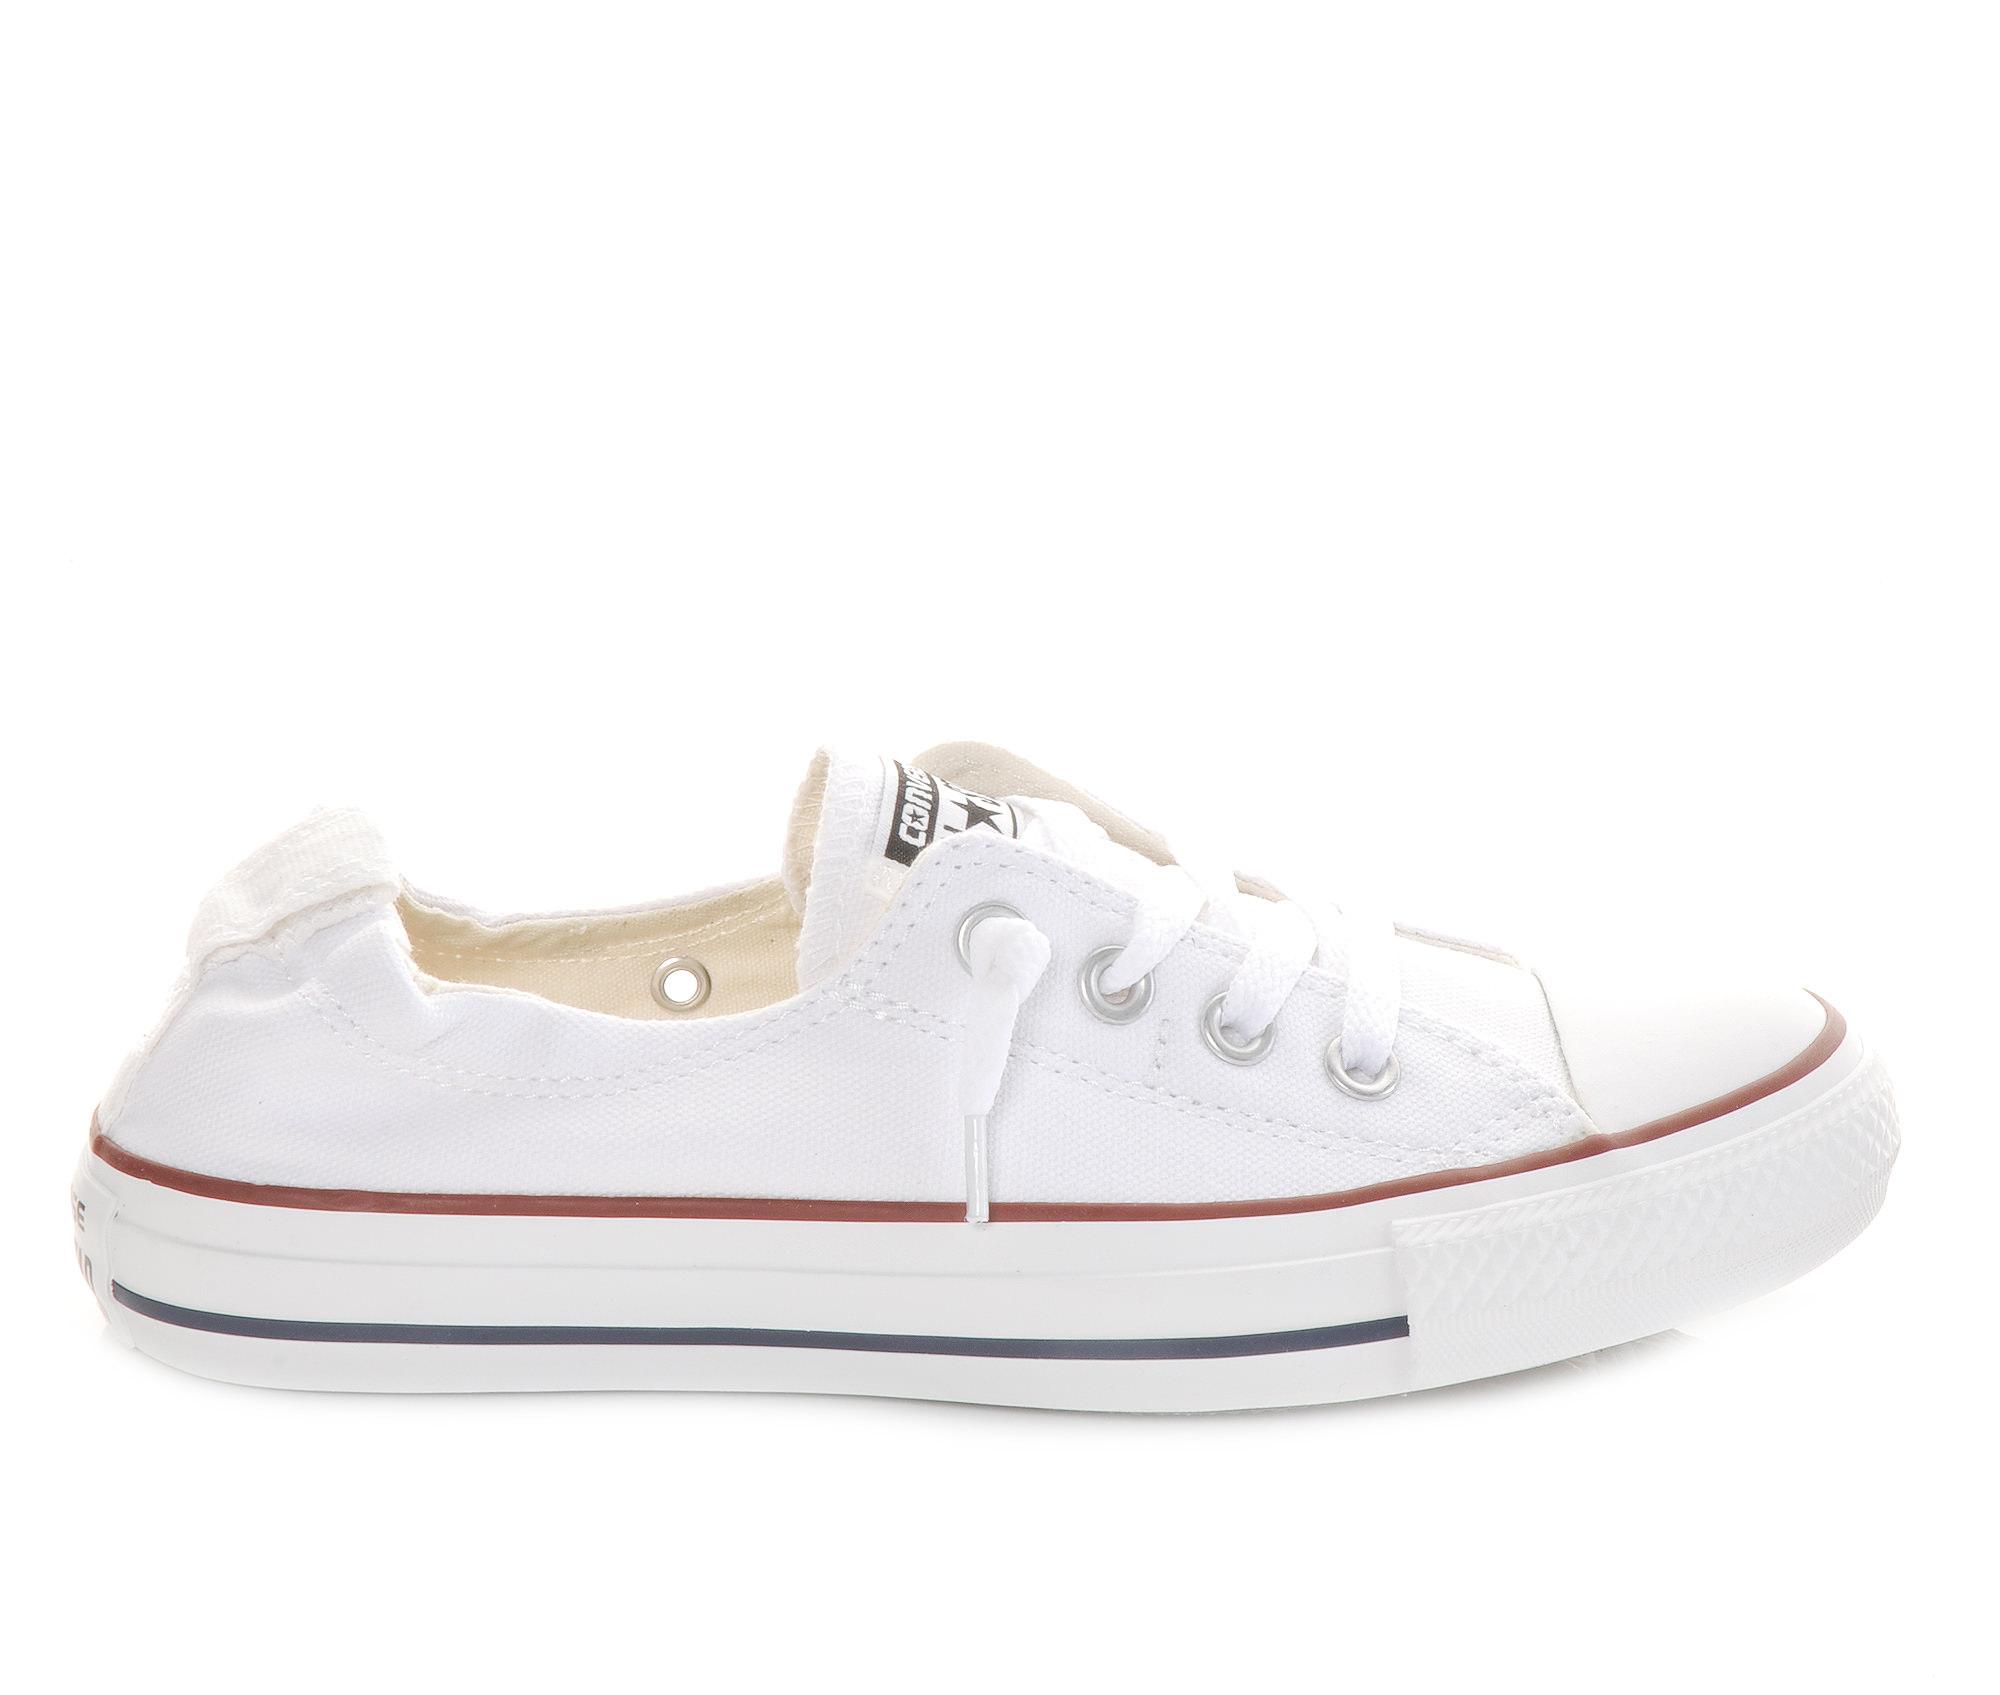 Converse Chuck Taylor Shoreline Women's Athletic Shoe (White)